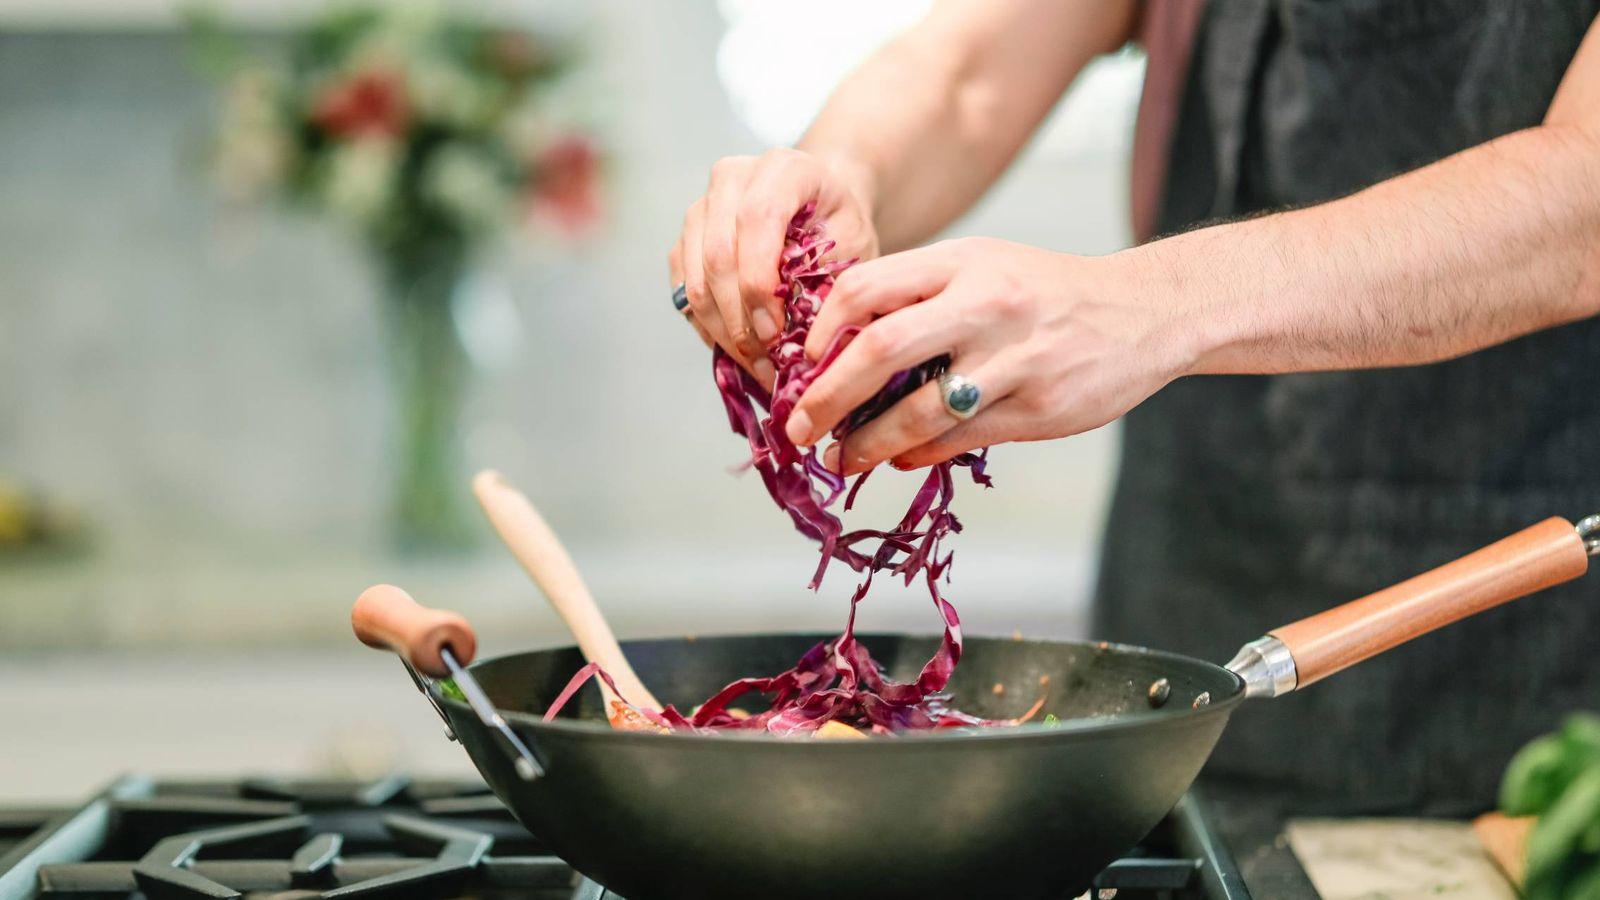 Foto: Un cocinero echa verduras cortadas con un espiralizador en una sartén (Foto: Pexels)